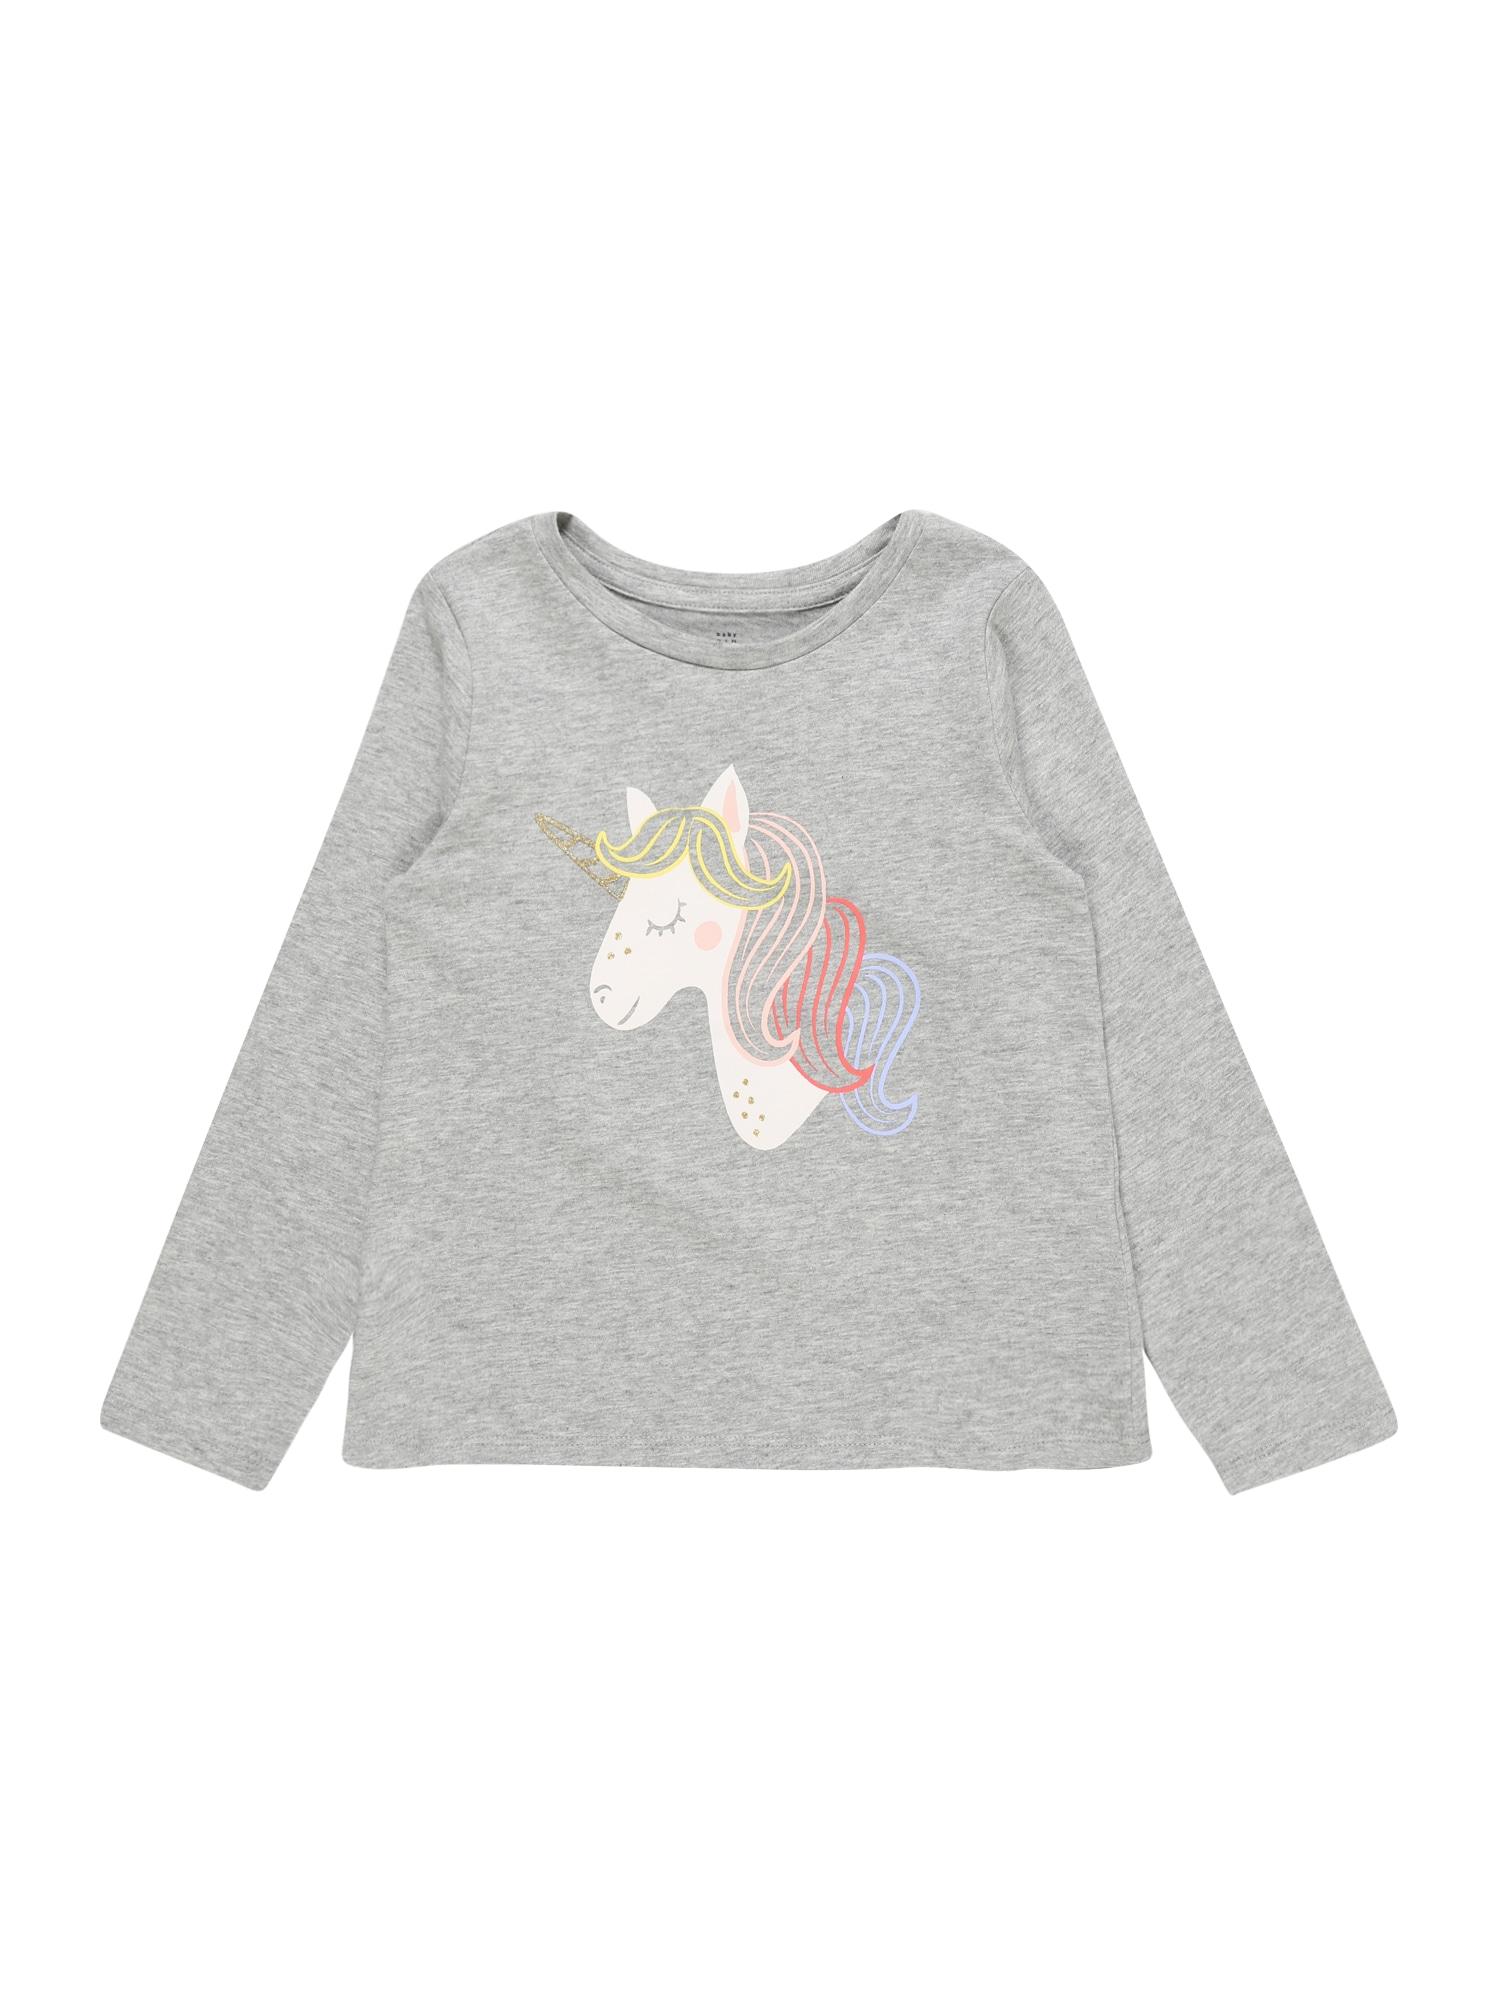 GAP Marškinėliai pilka / mišrios spalvos